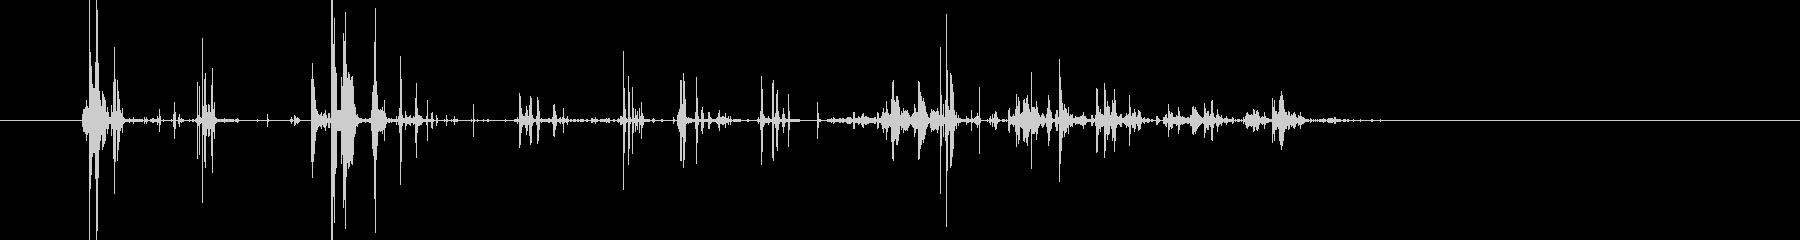 ジャリン!チャリン、チャリチャリ…小銭音の未再生の波形